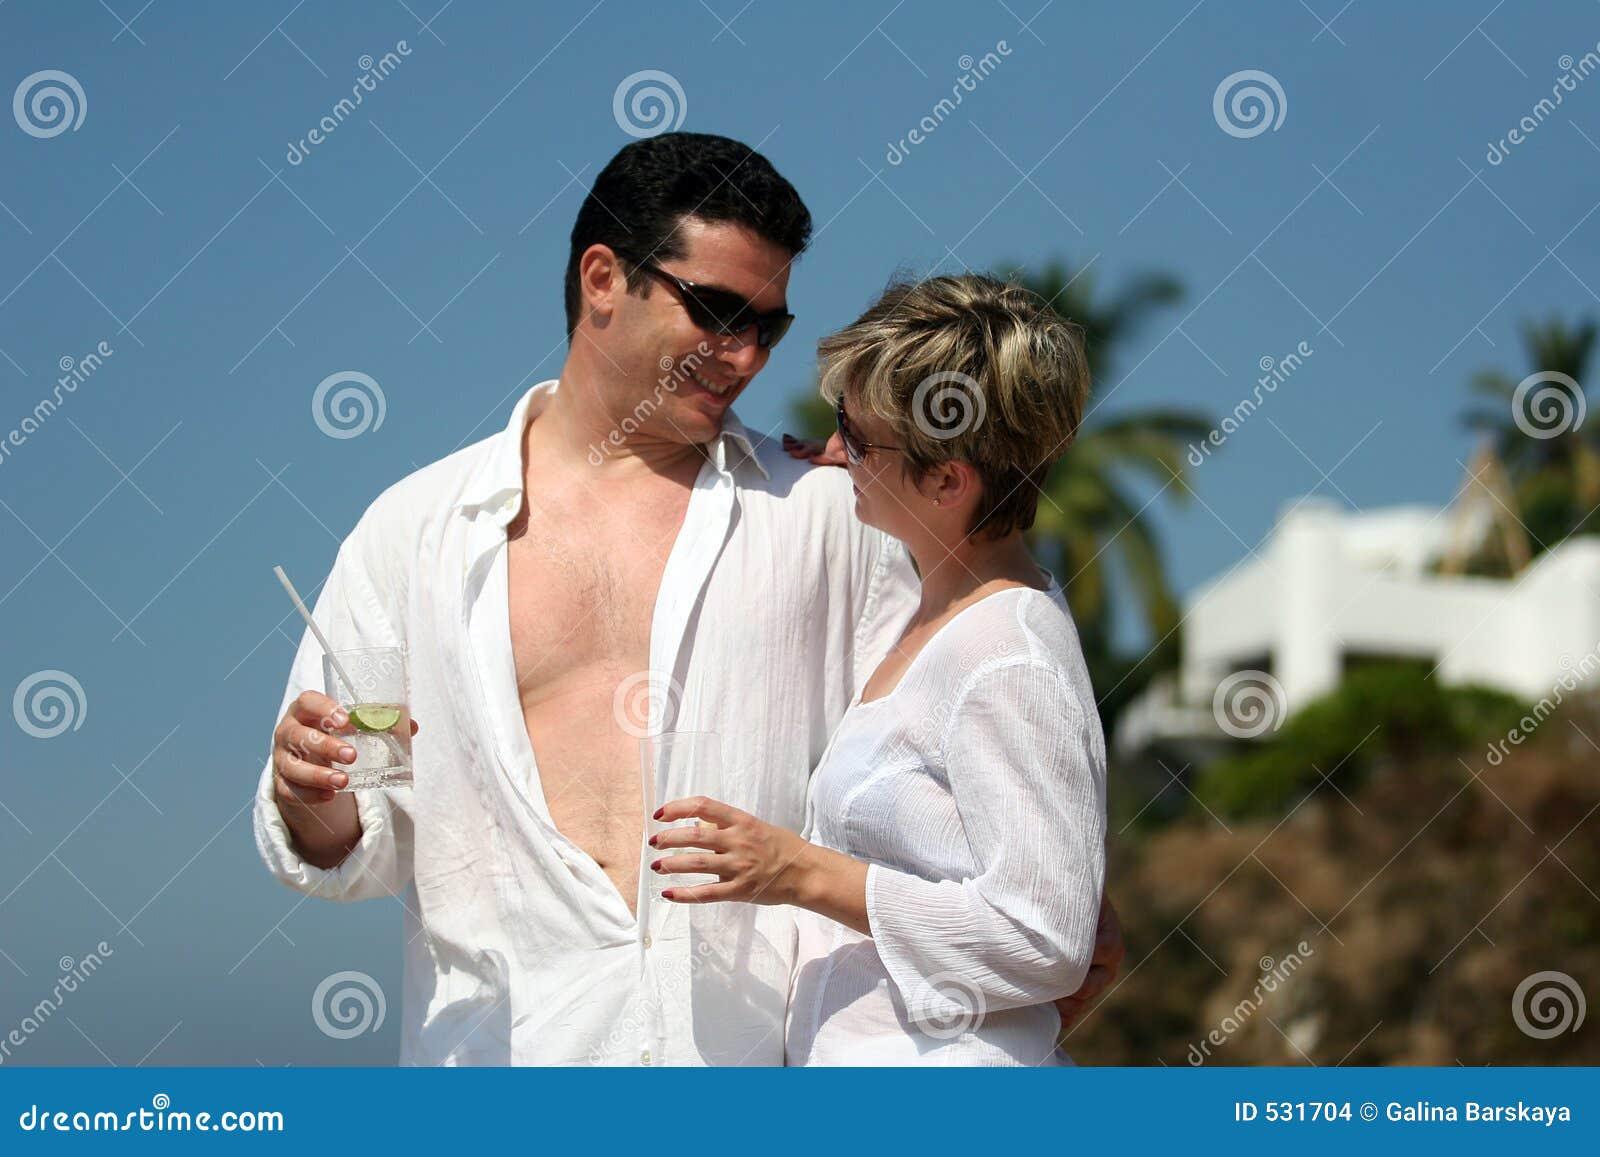 Download 海滩夫妇 库存照片. 图片 包括有 性感, 旅行, 男朋友, 幸福, 人们, 愉快, 浪漫, 一起, 微笑, 恋人 - 531704